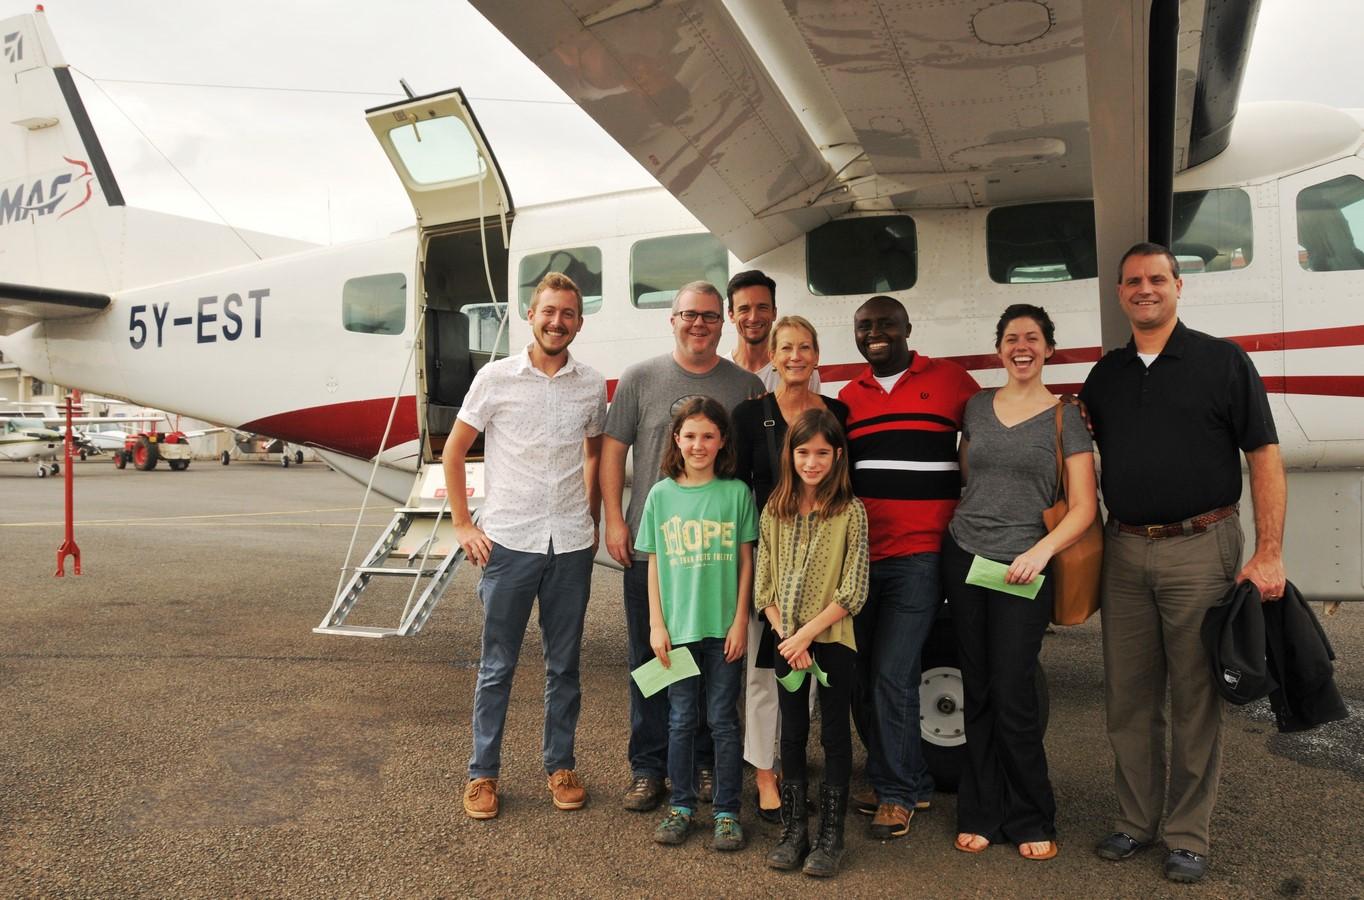 Transport D'une équipe De CARE FOR AIDS